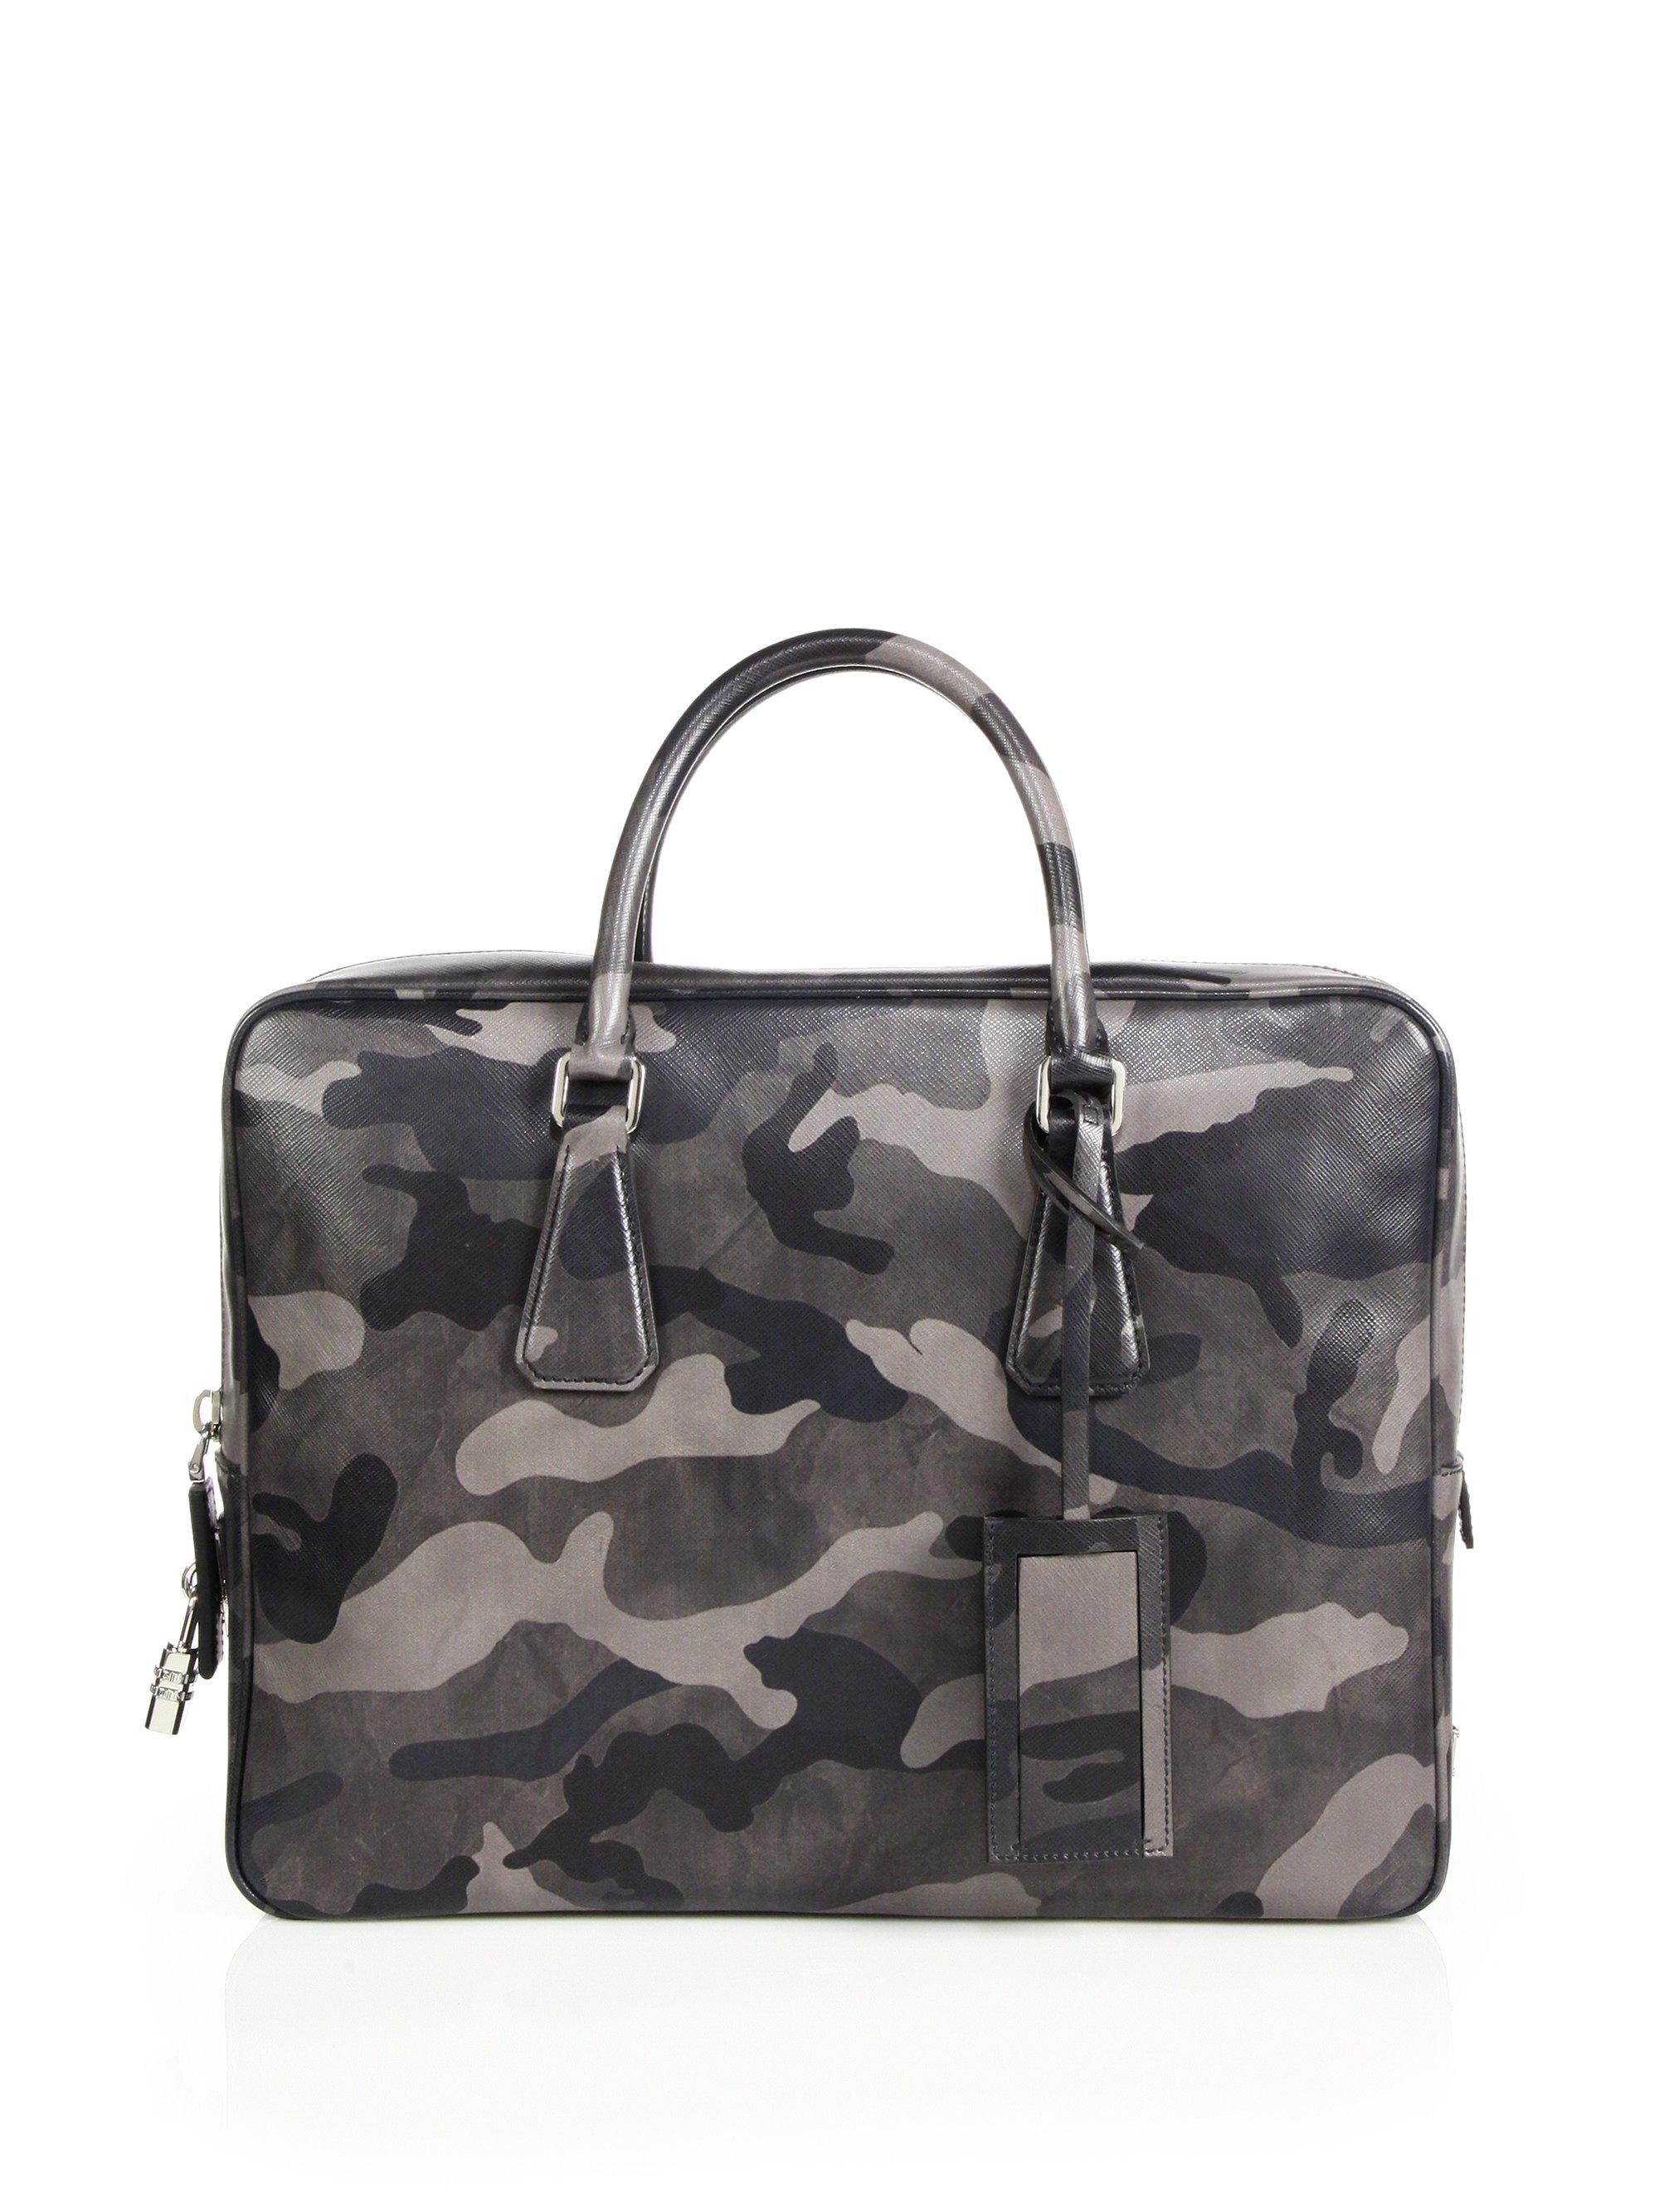 93801ed2e2 Lyst - Prada Saffiano Camouflage Leather Briefcase in Gray for Men